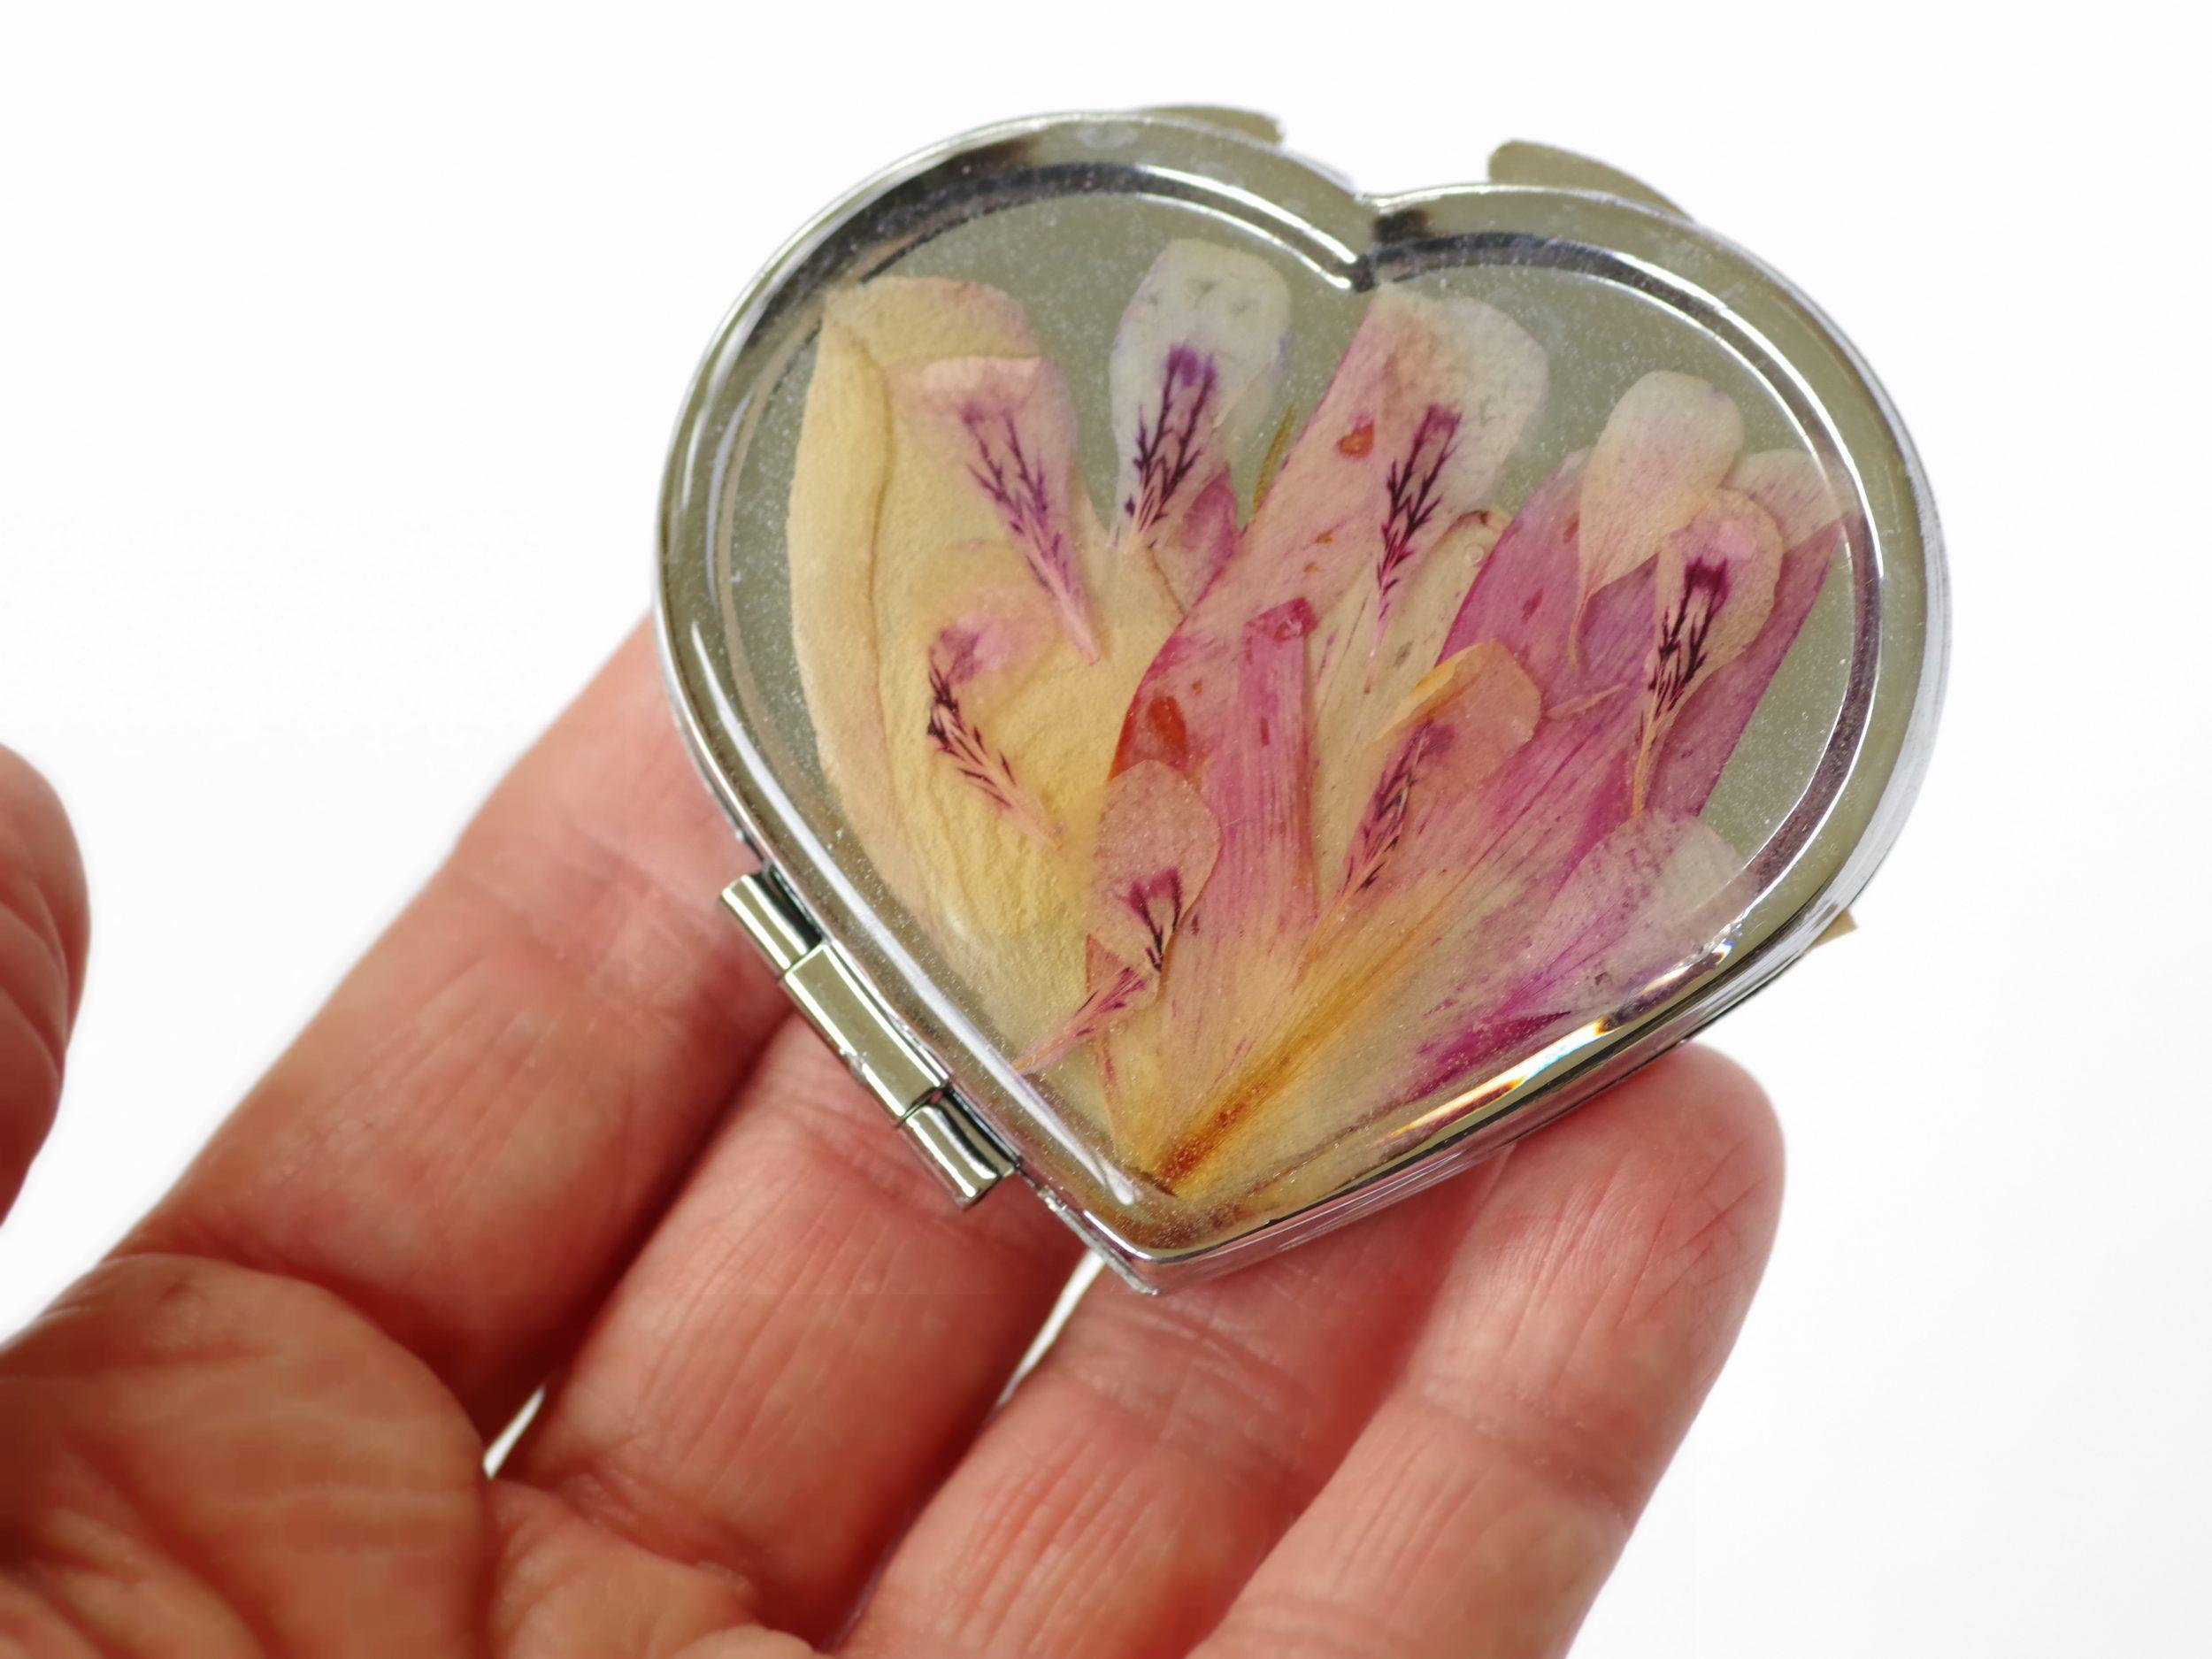 petit miroir de sac en forme de coeur décoré de pétales de fleurs roses finement graphiques